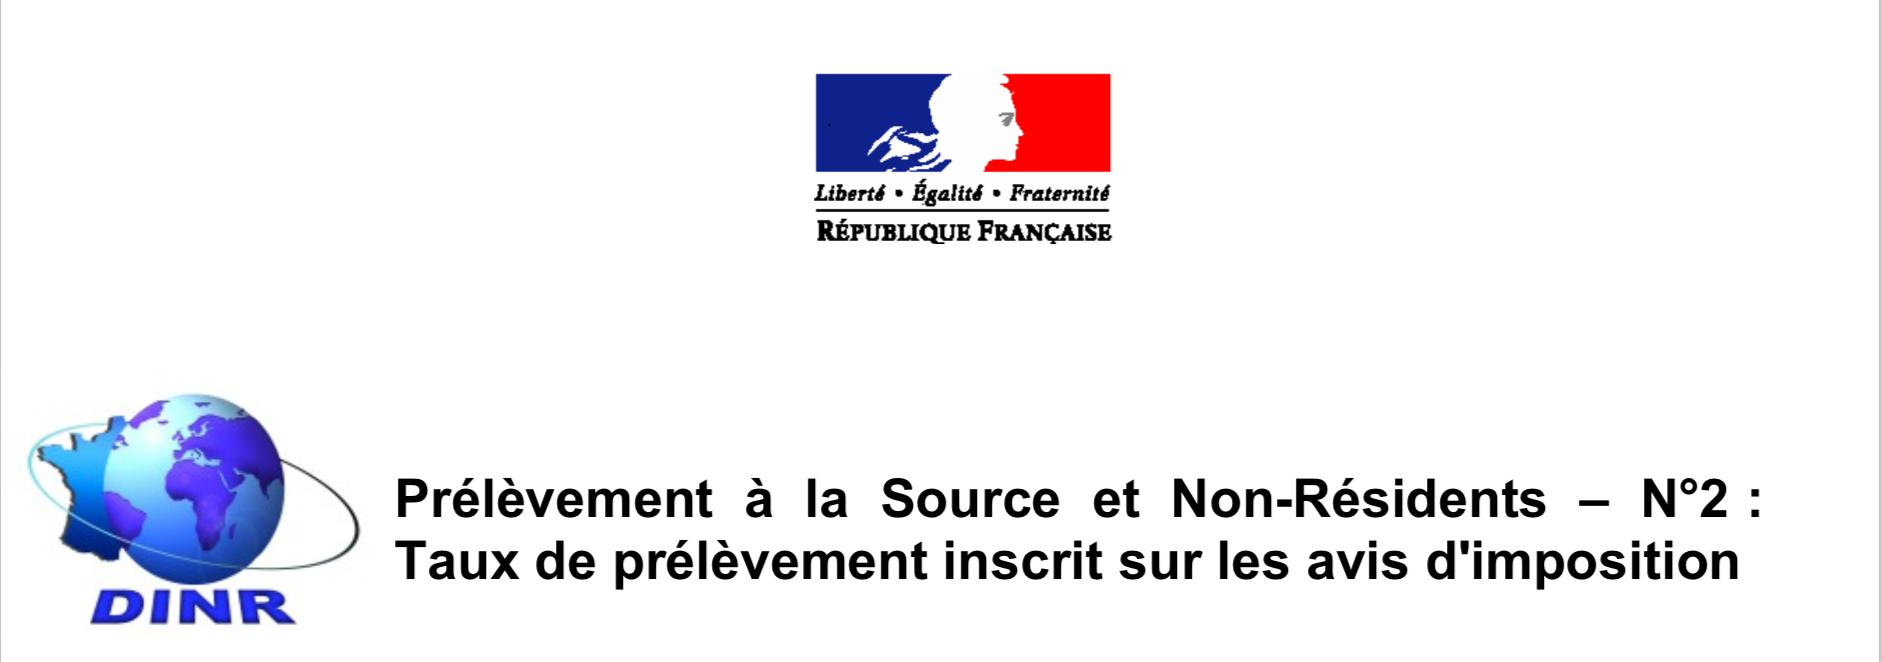 la DINR nous informe:Prélèvement à la Source et Non-Résidents – N°2 : Taux de prélèvement inscrit sur les avis d'imposition